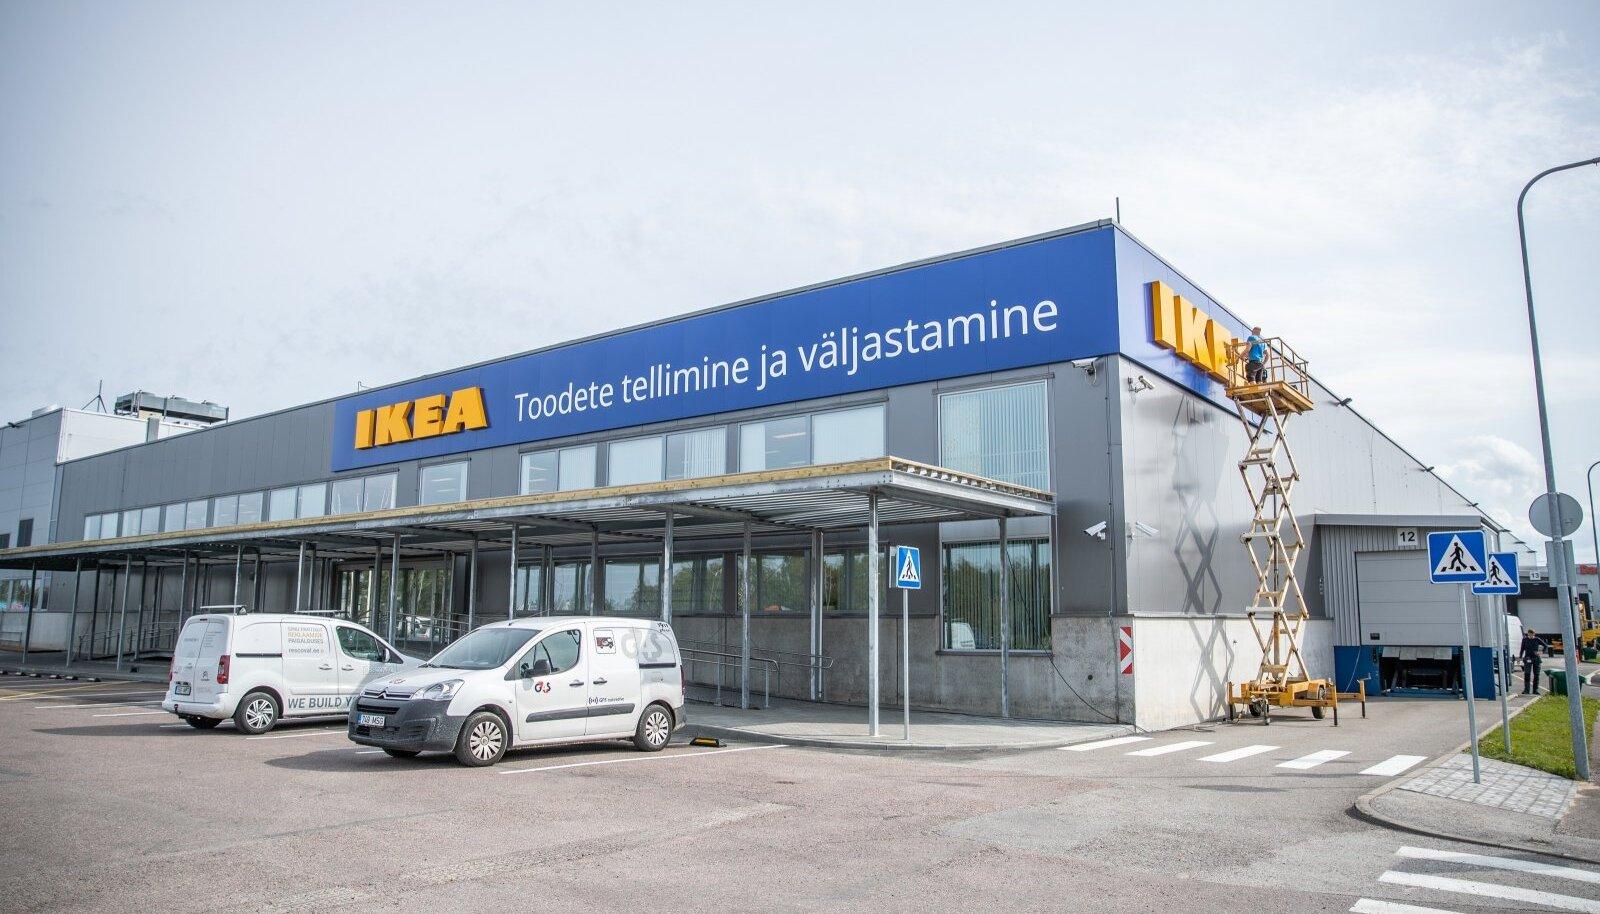 Eesti IKEA väljastuspunkt enne avamist